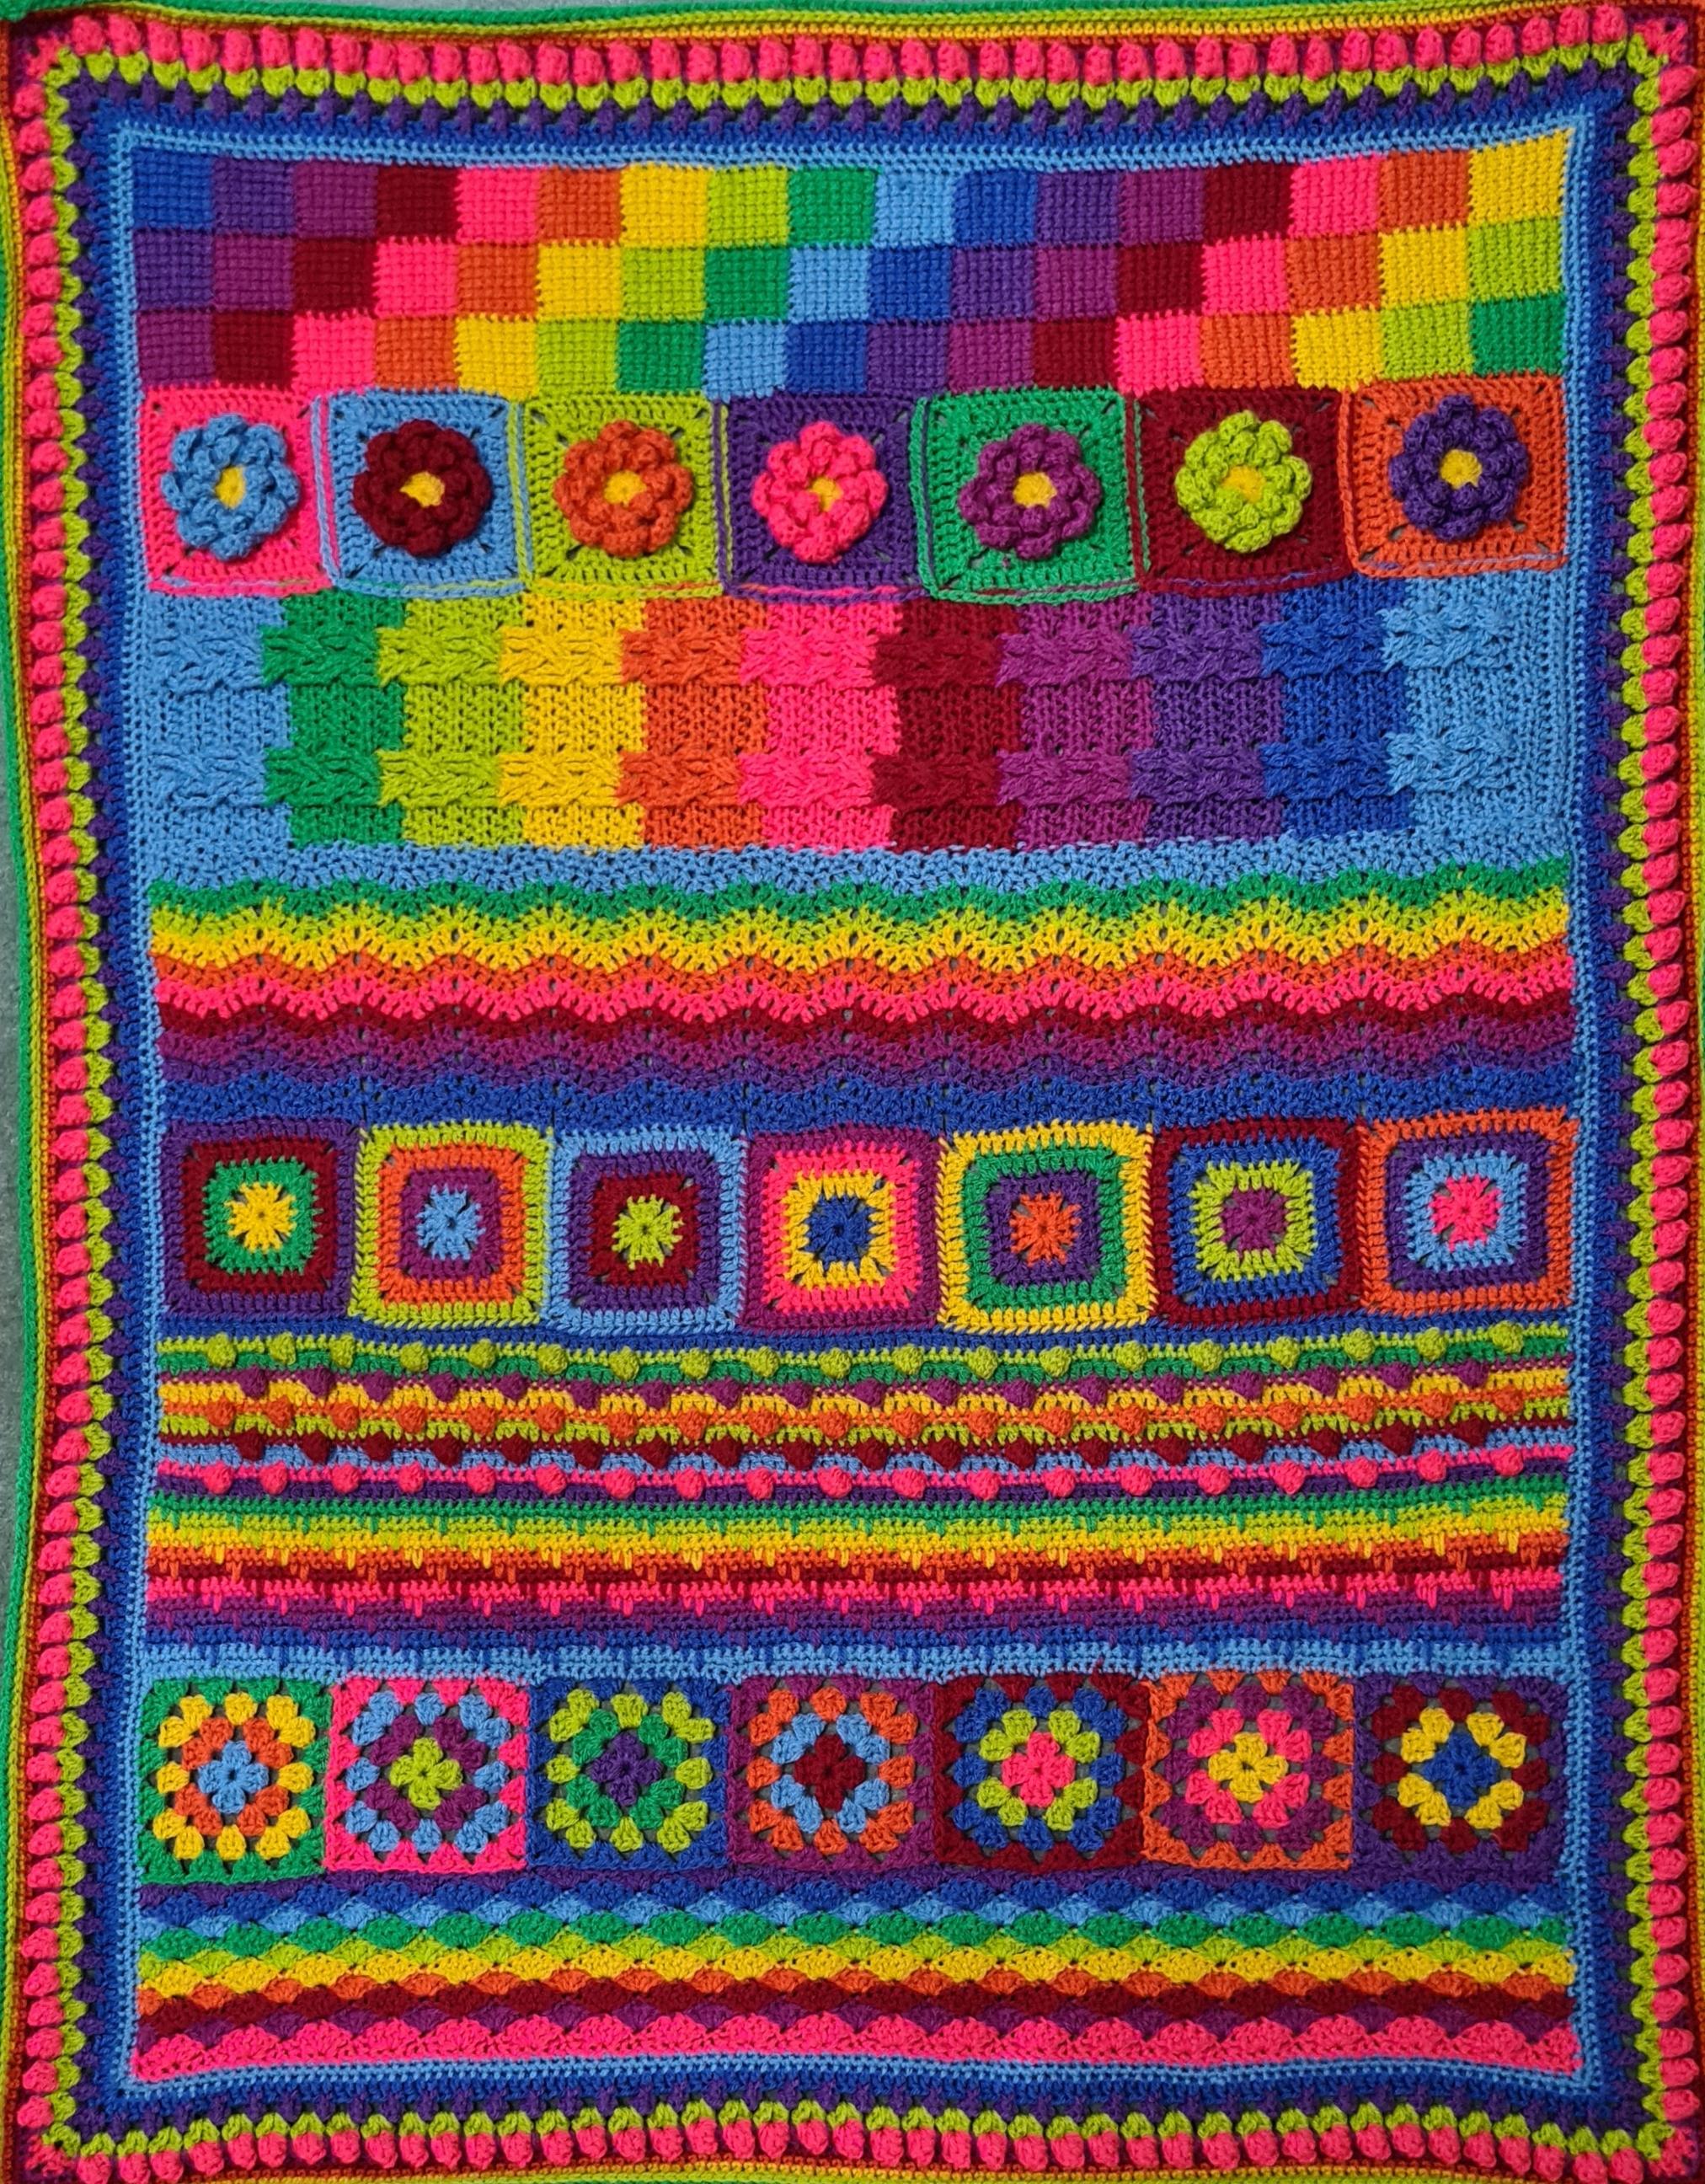 Next Steps in Crochet: Make a Sampler Blanket